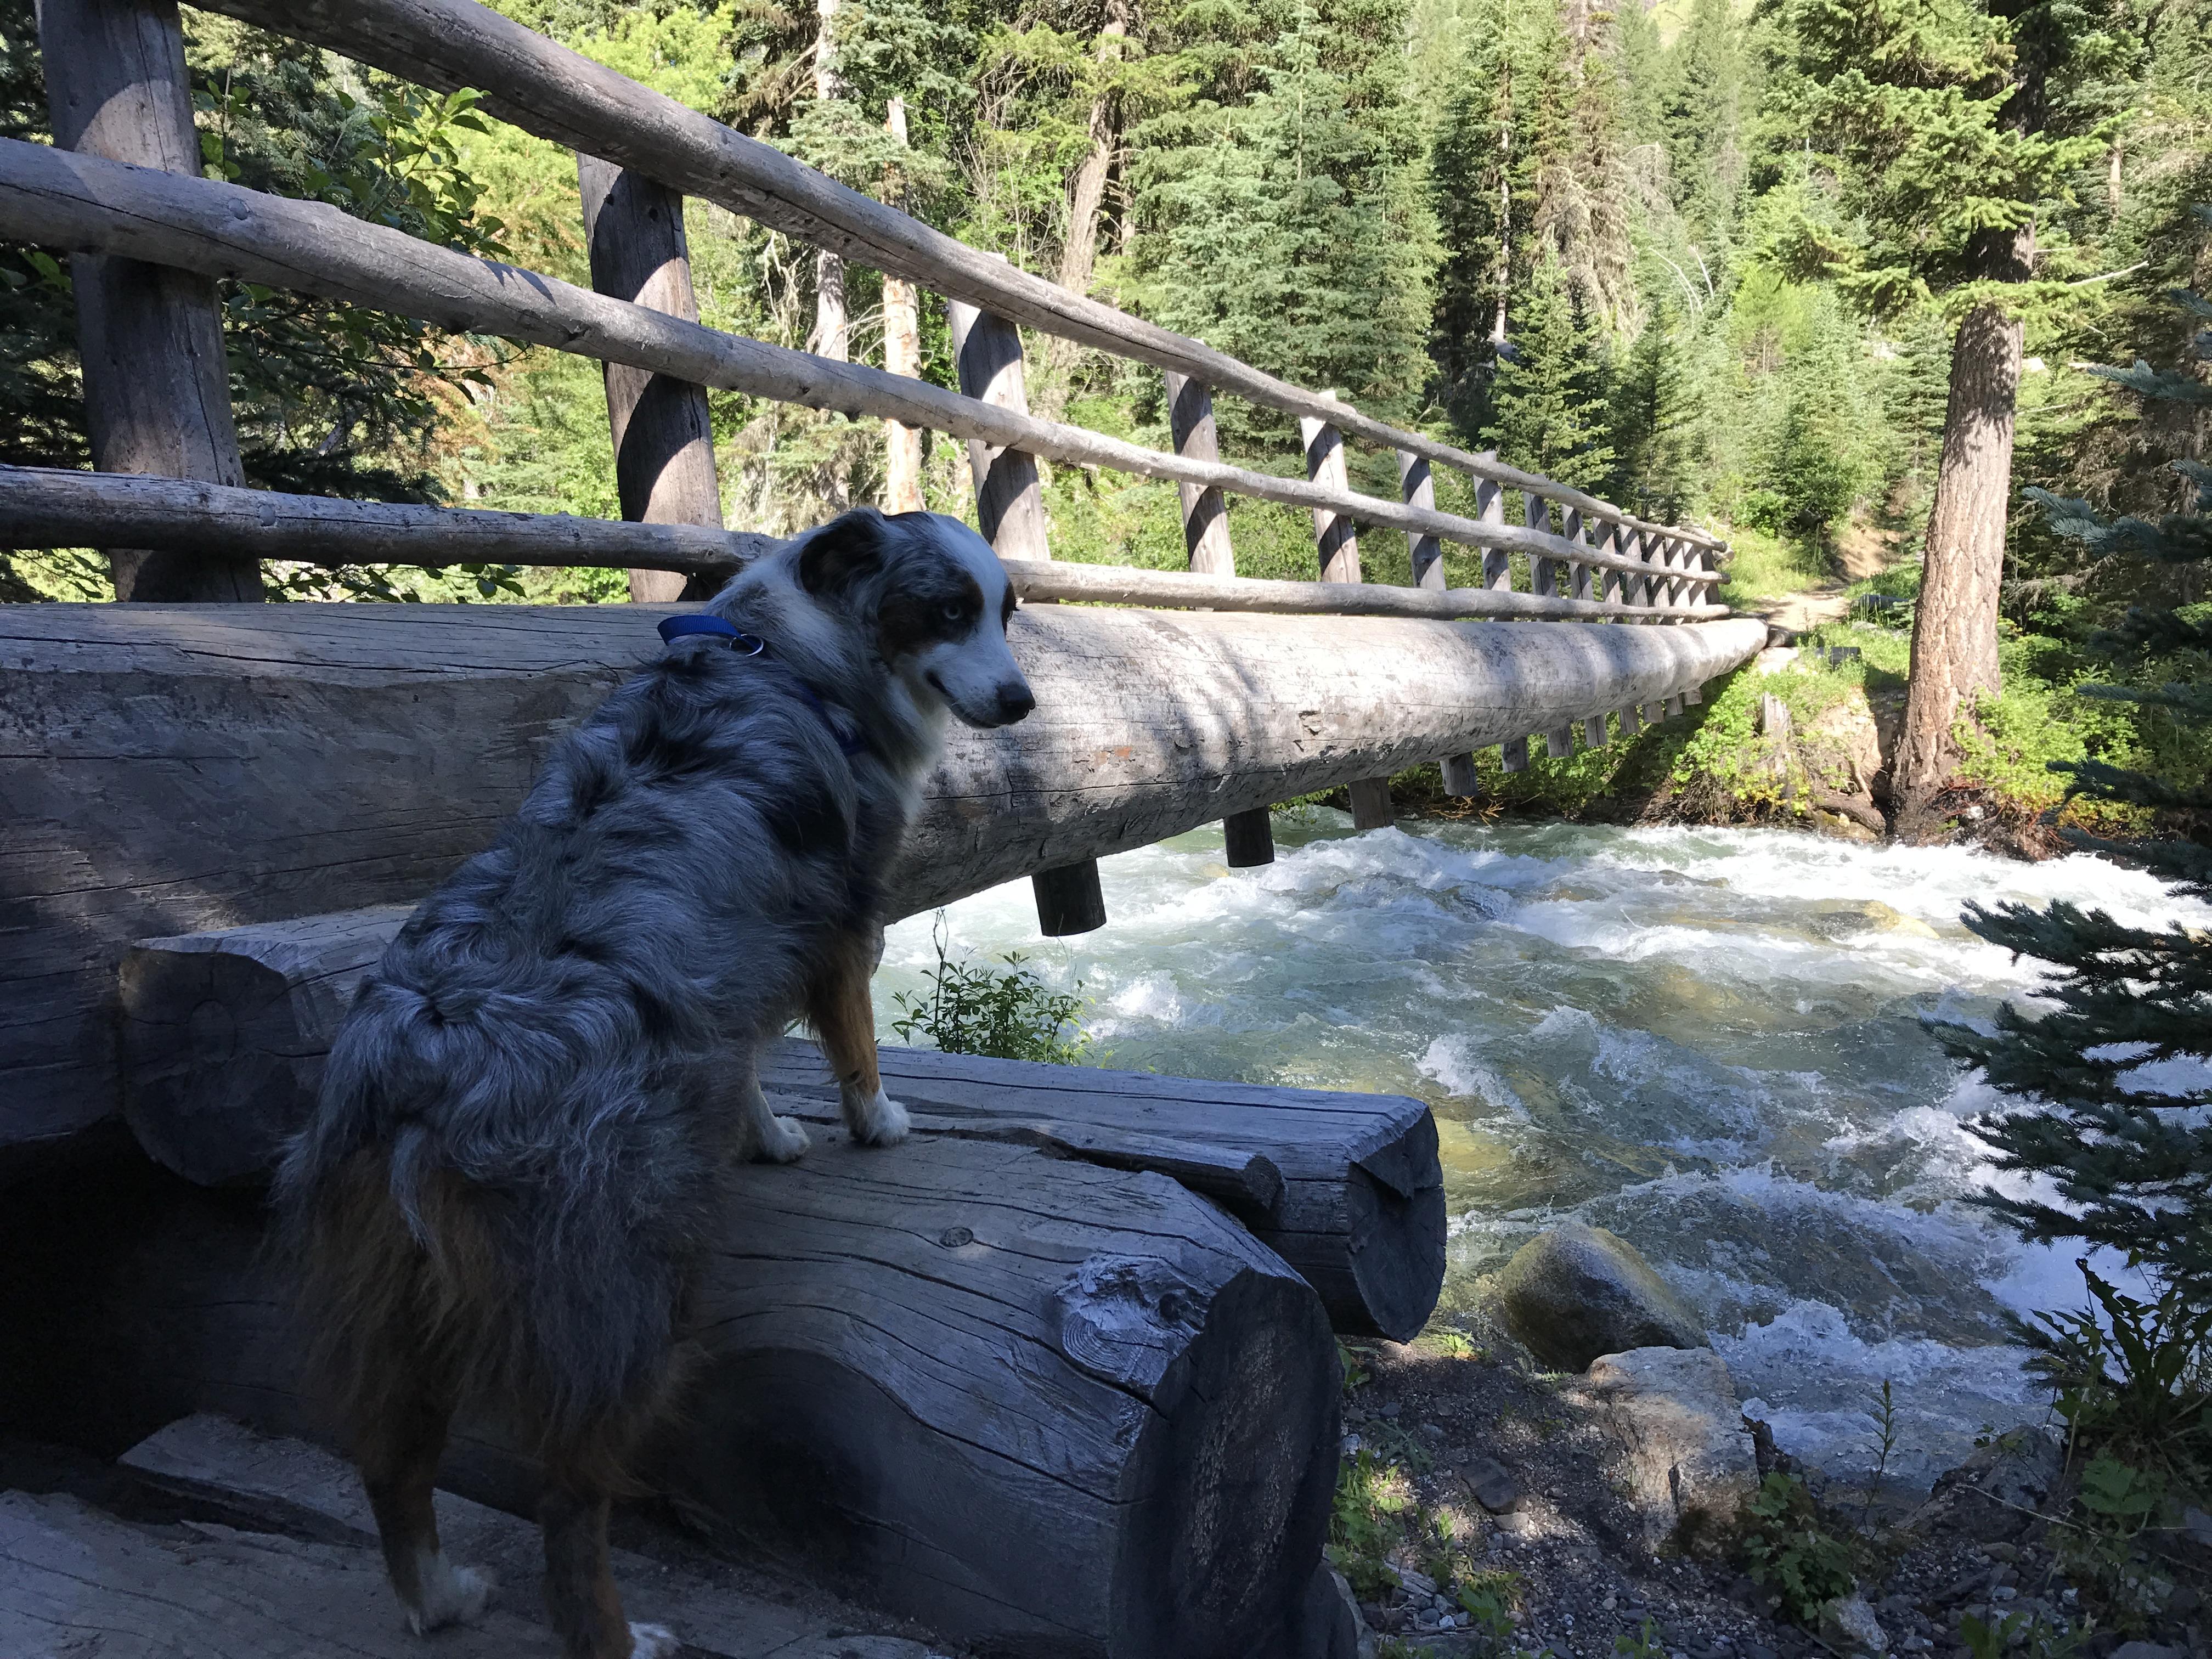 Bridge over Wallowa River